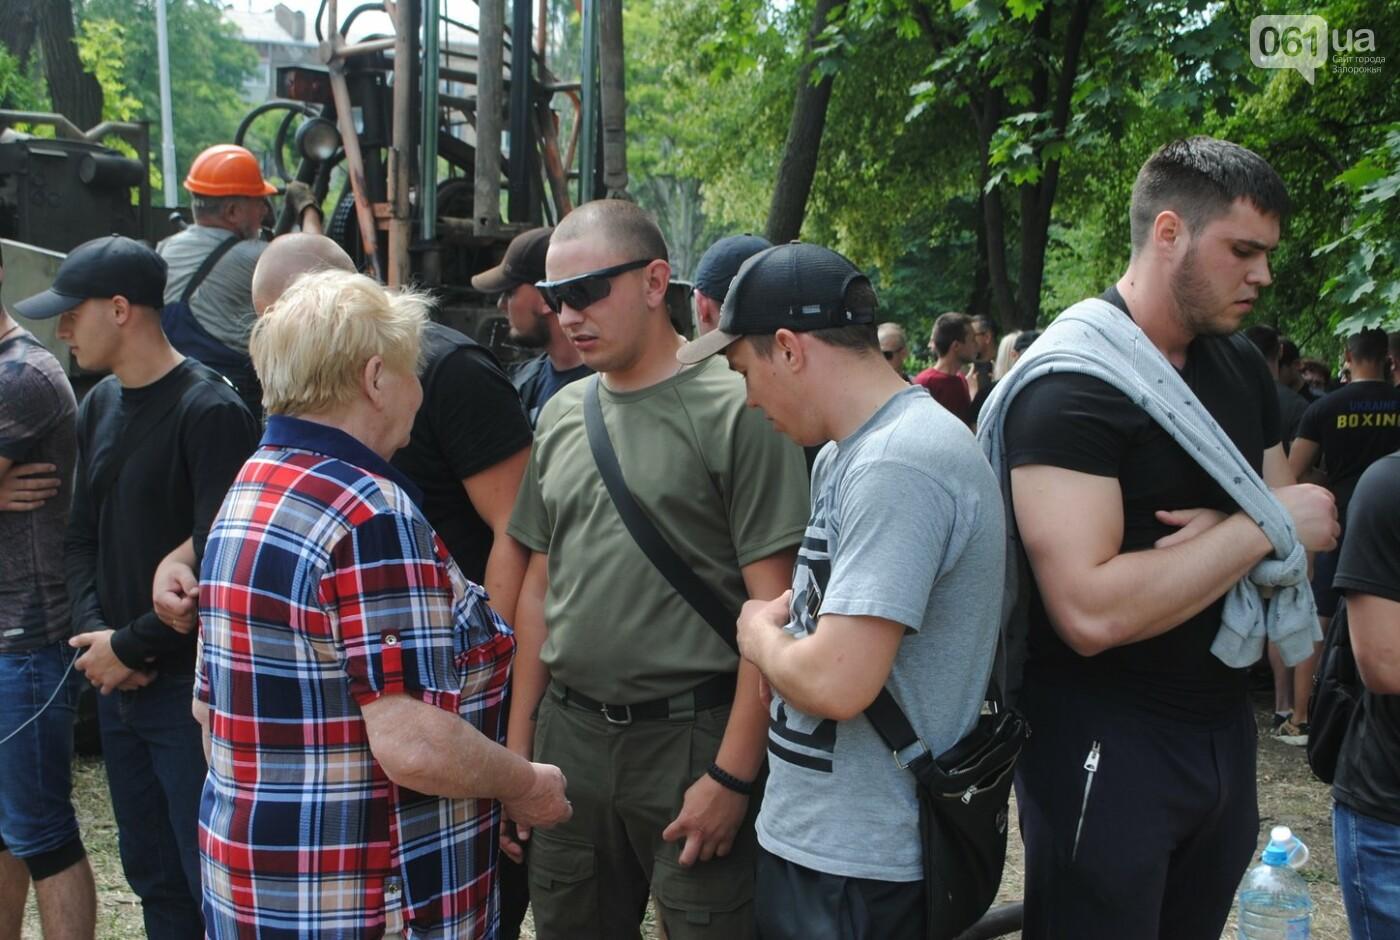 Протест в парке Яланского в лицах, - колоритный ФОТОРЕПОРТАЖ, фото-12